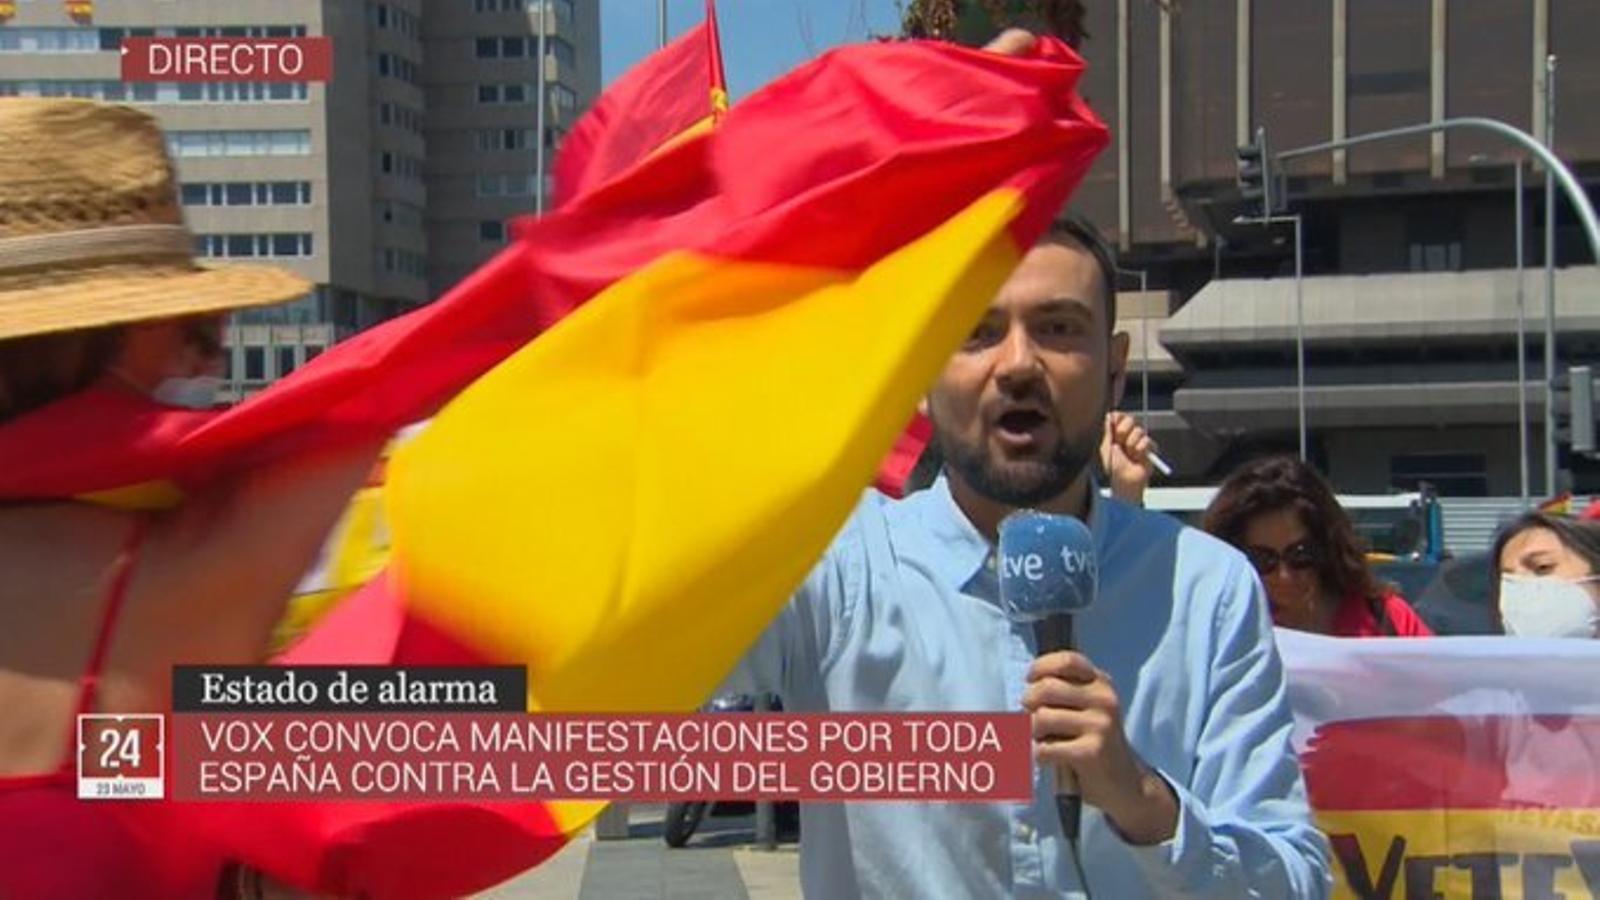 Durant la connexió, els manifestants han fet sonar els clàxons perquè no se sentís al periodista